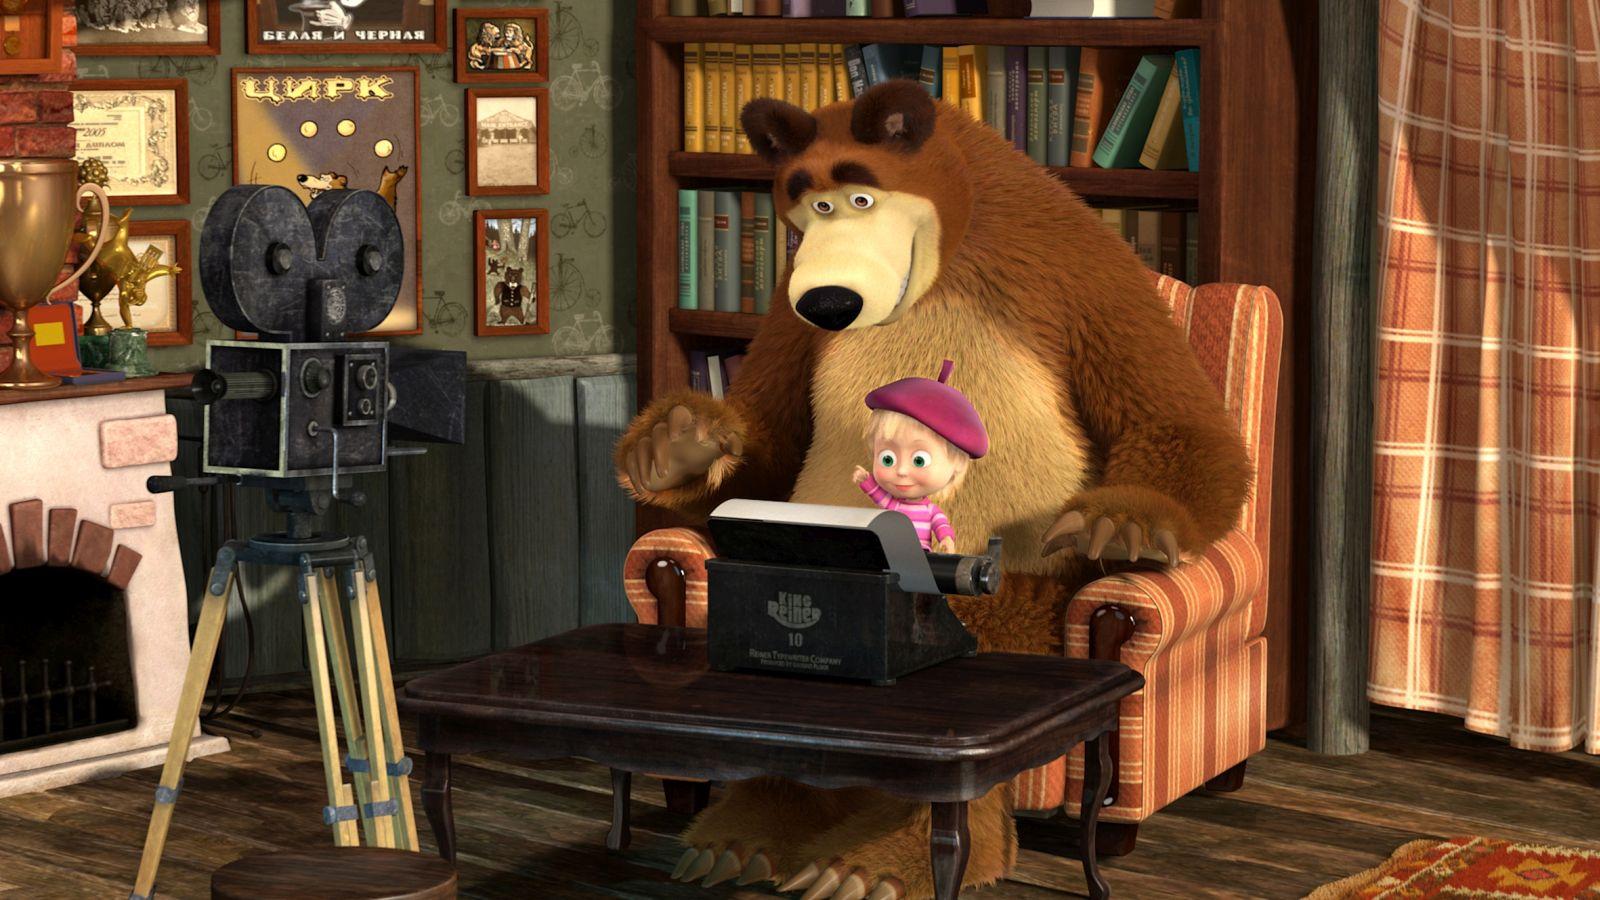 Masha e Orso: amici per sempre, un'immagine tratta dalla serie animata russa